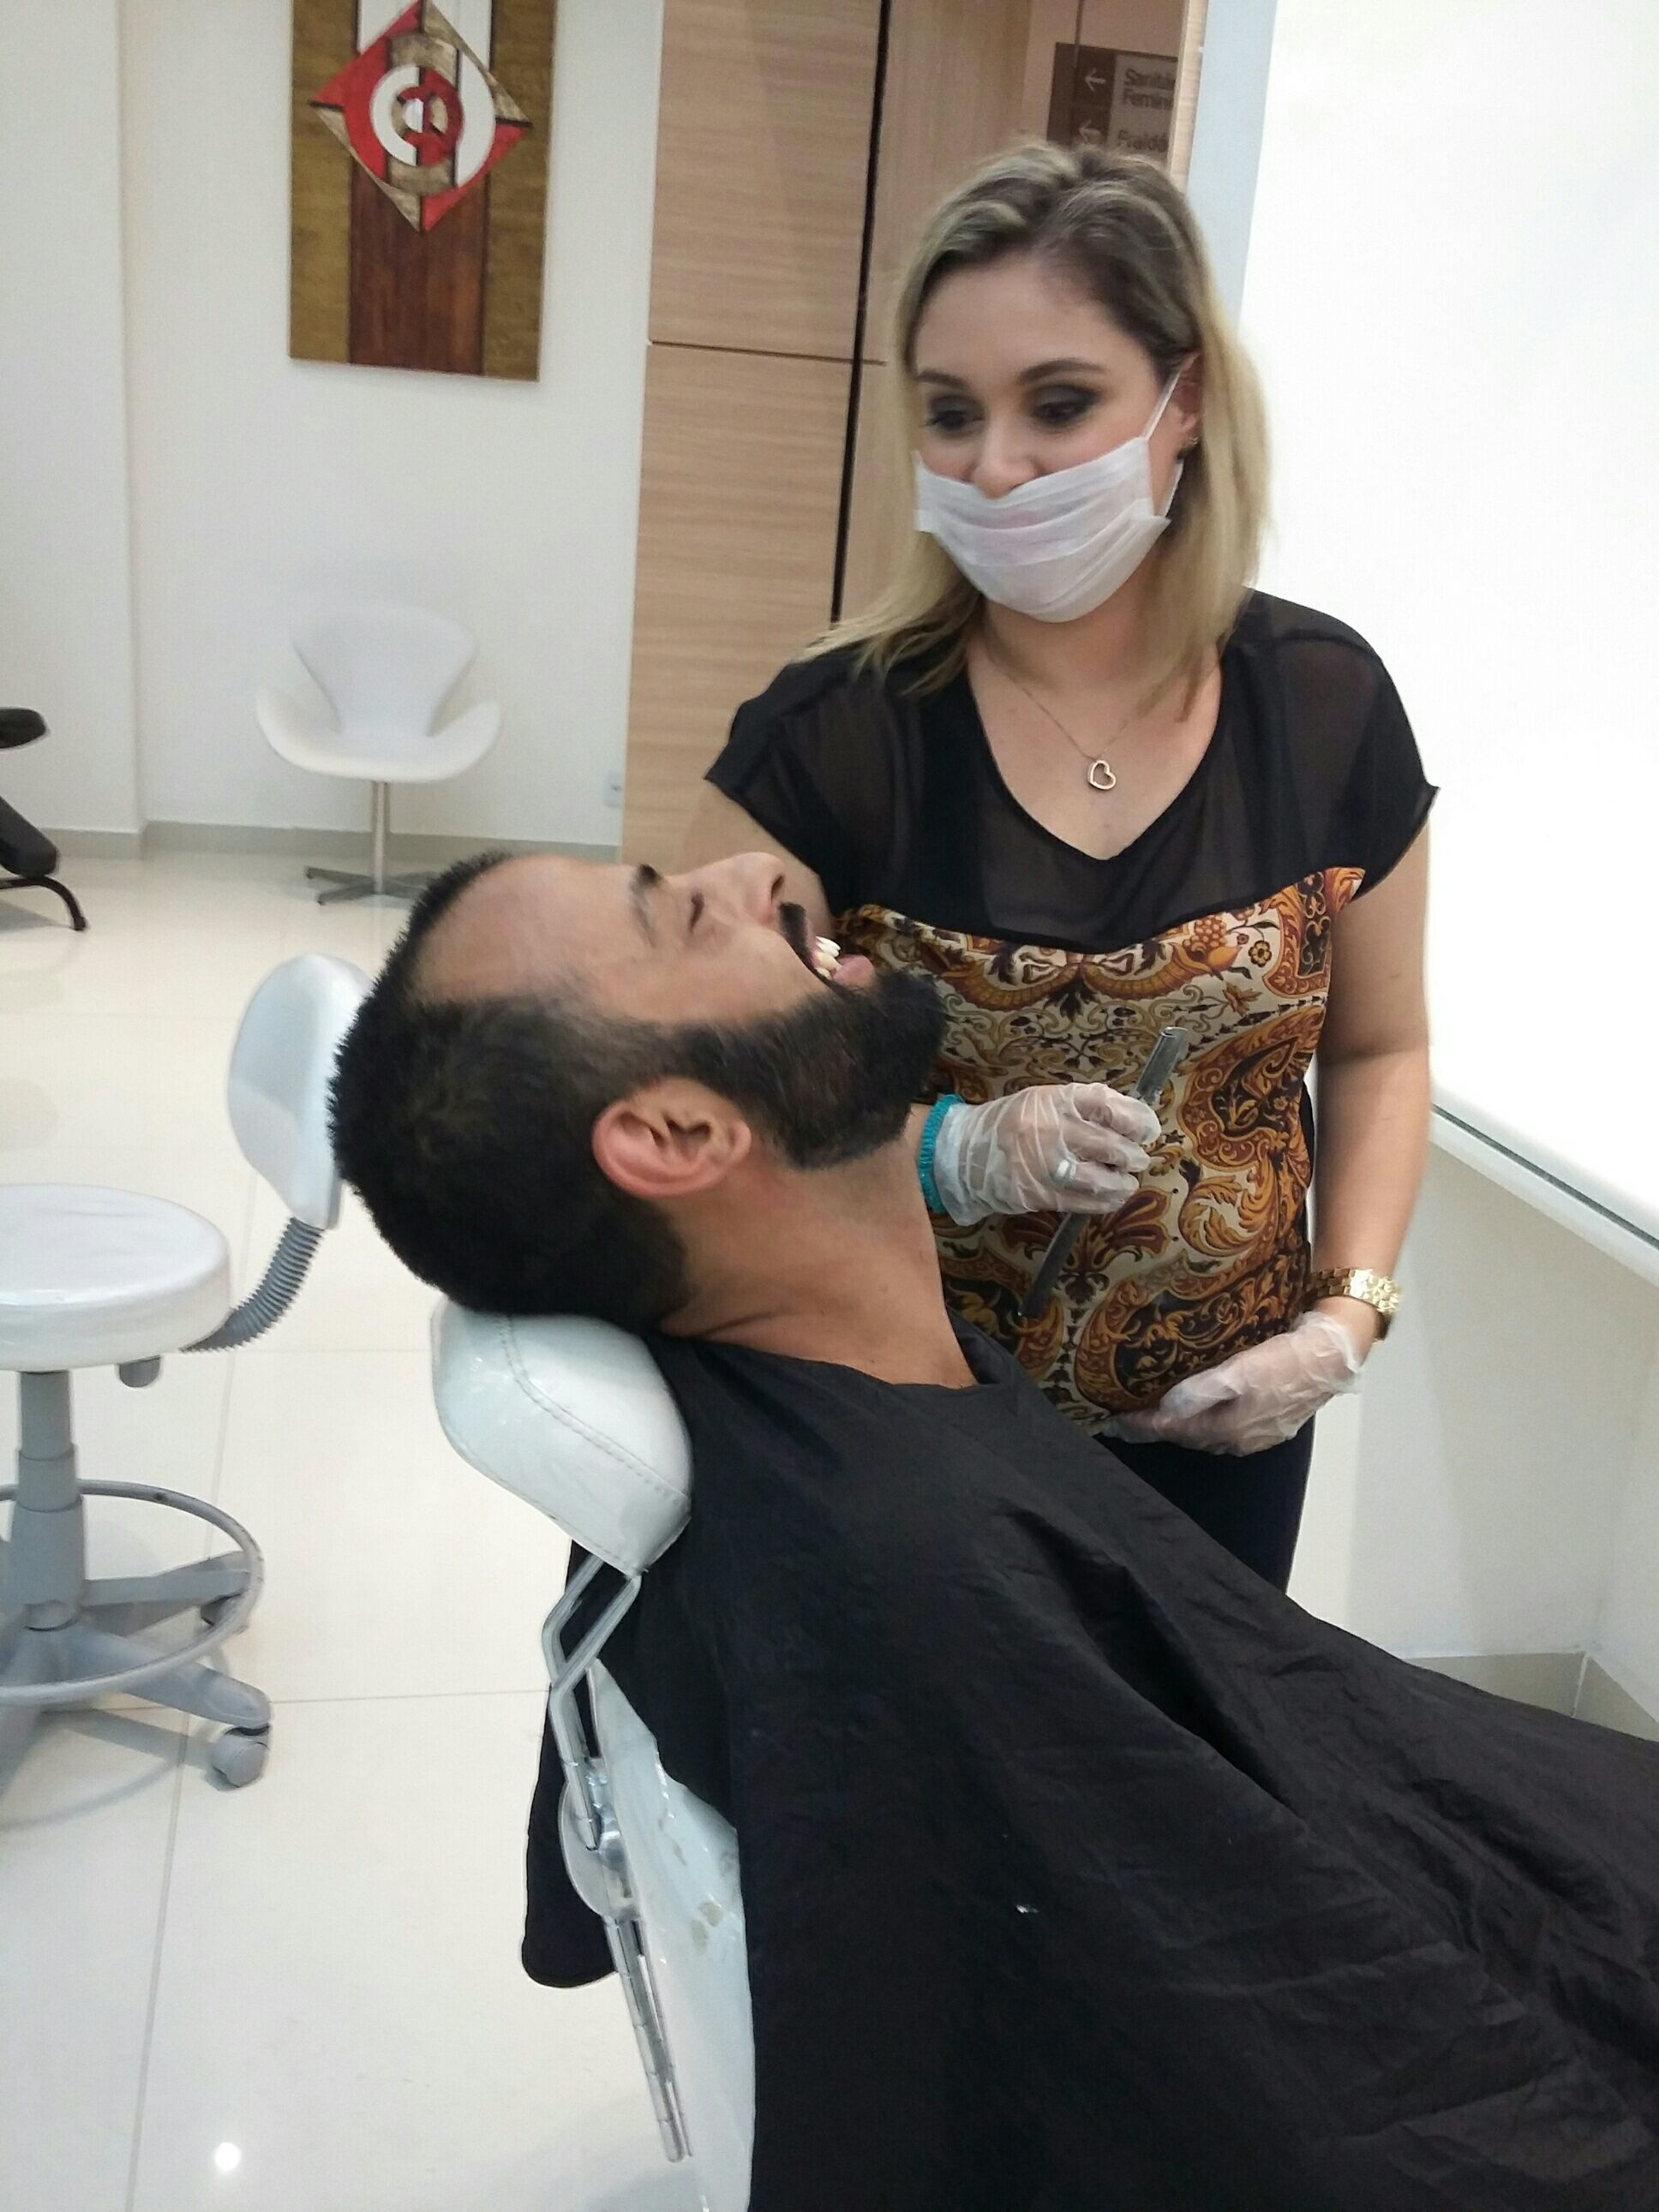 Barbearia com toalhas quentes.... outros cabeleireiro(a) maquiador(a) barbeiro(a) designer de sobrancelhas dermopigmentador(a)